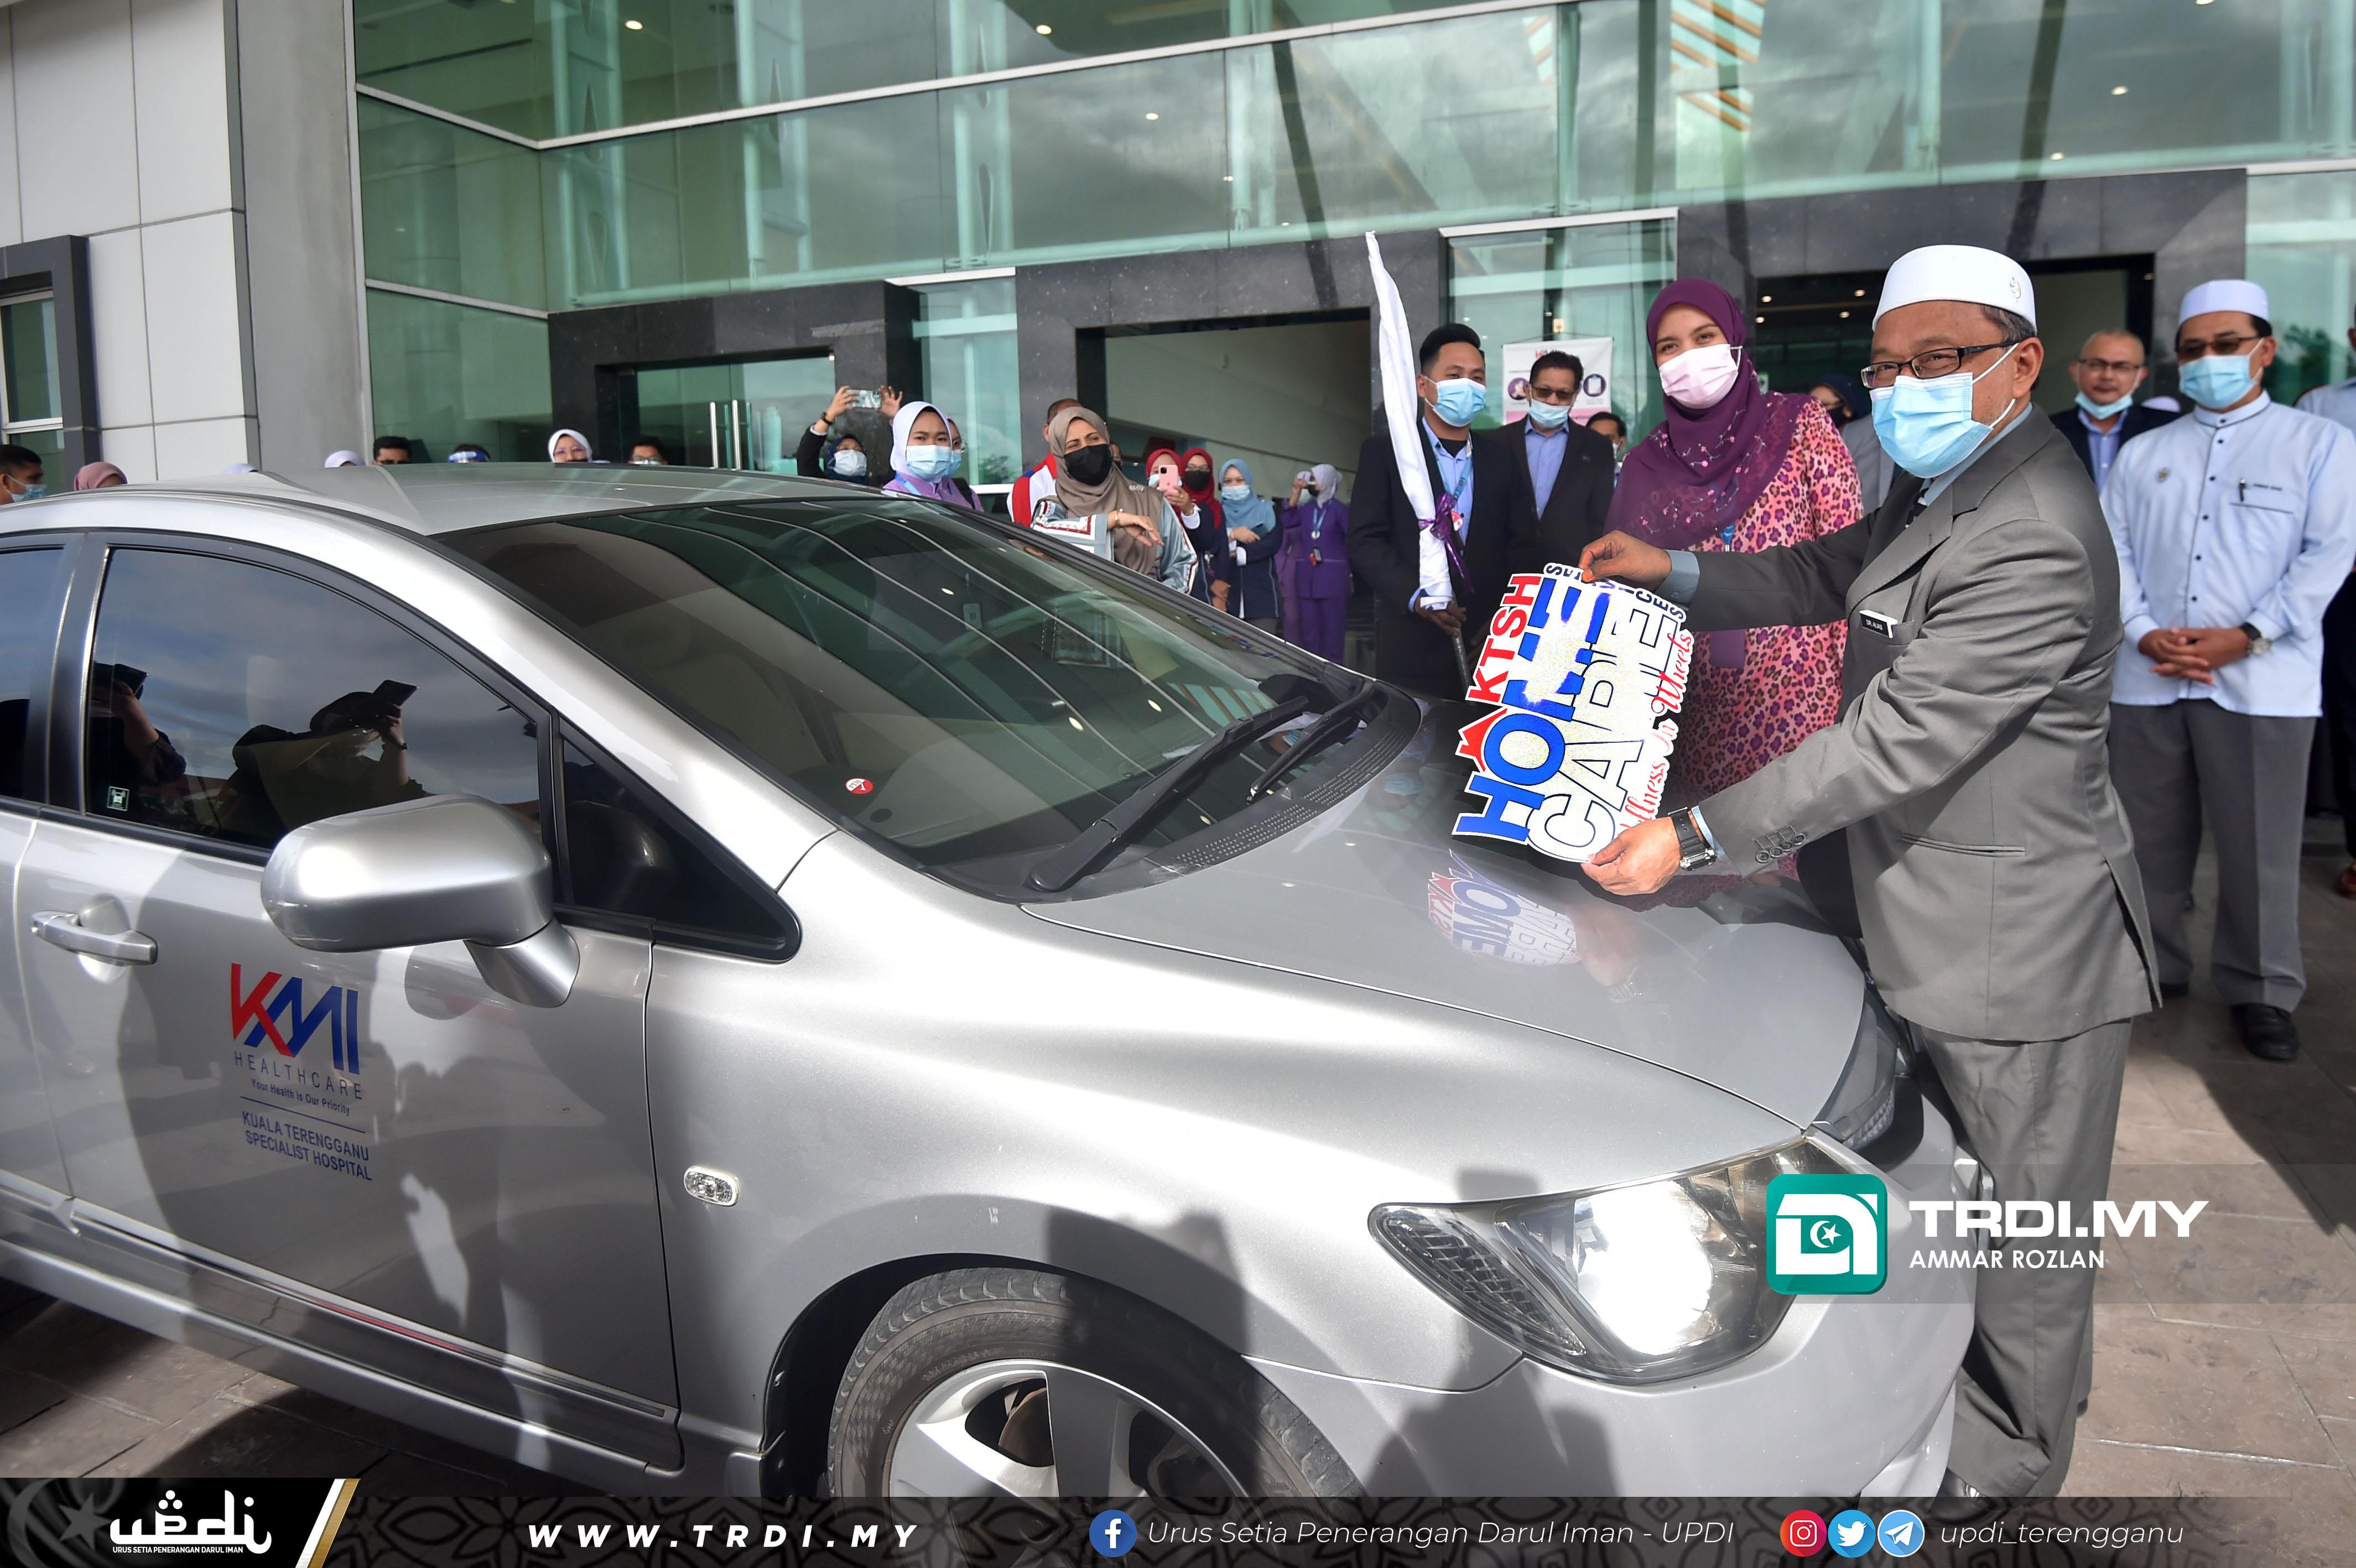 Majlis Pelancaran Kuala Terengganu Specialist Hospital (KTSH) Homecare anjuran KTSH